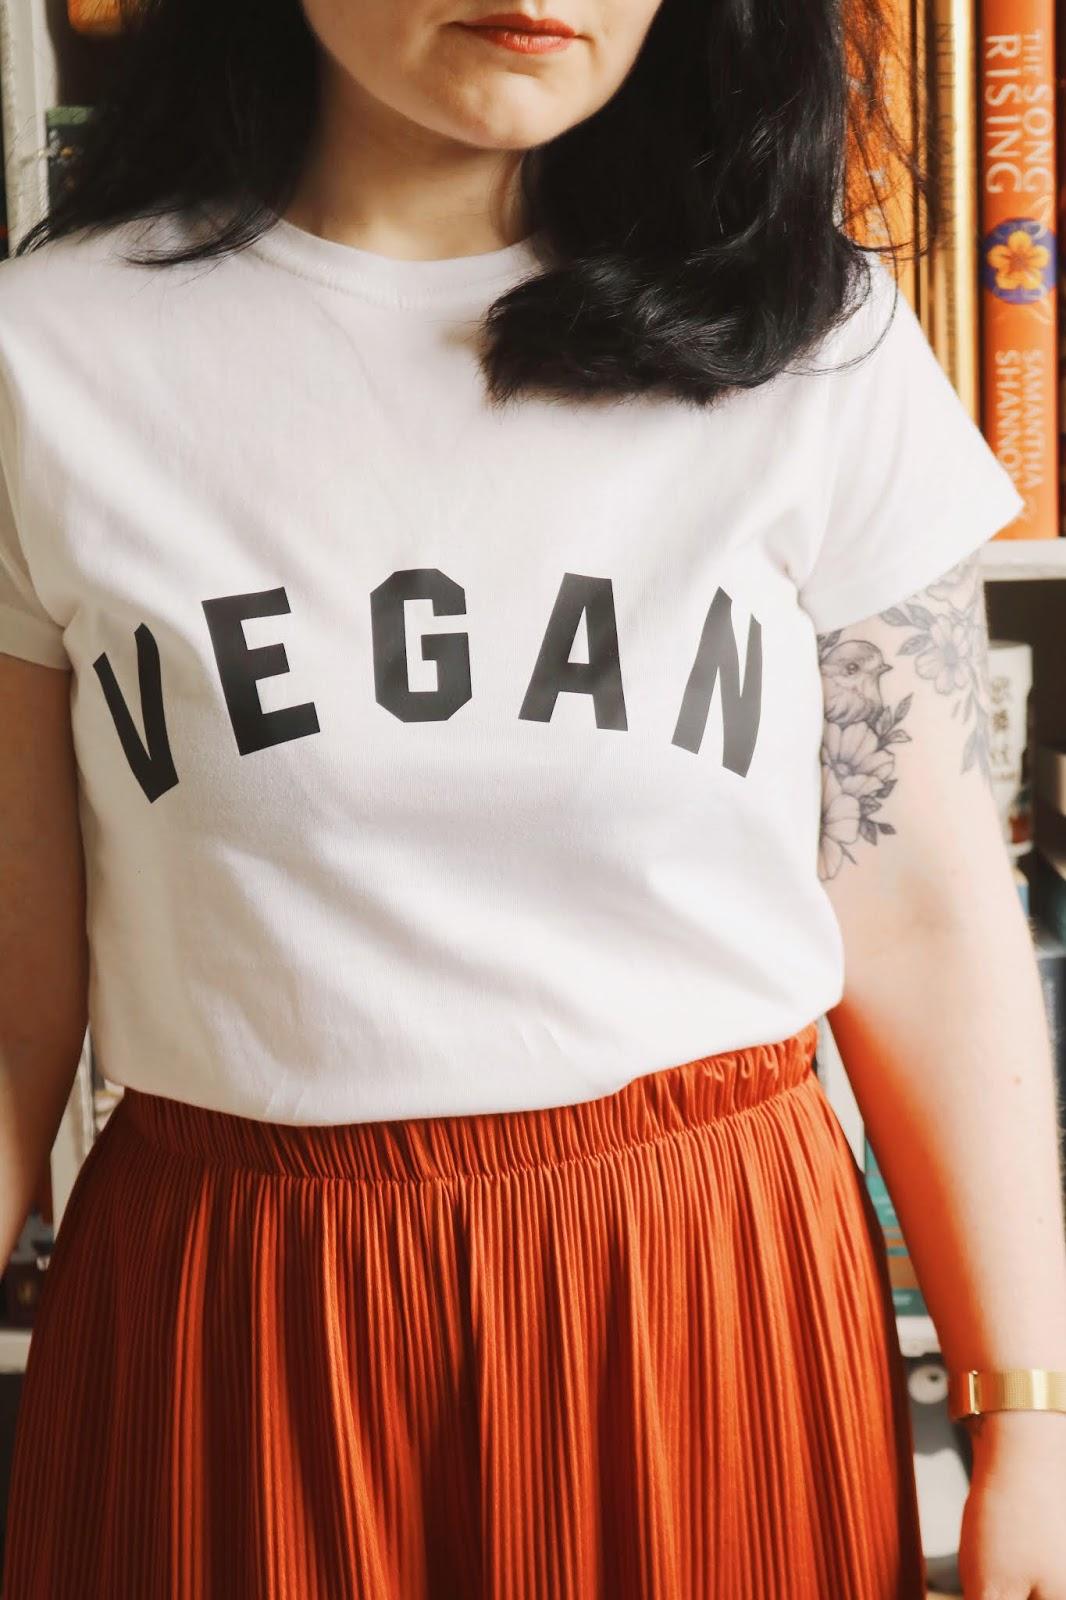 One Year Vegan Update #Veganuary